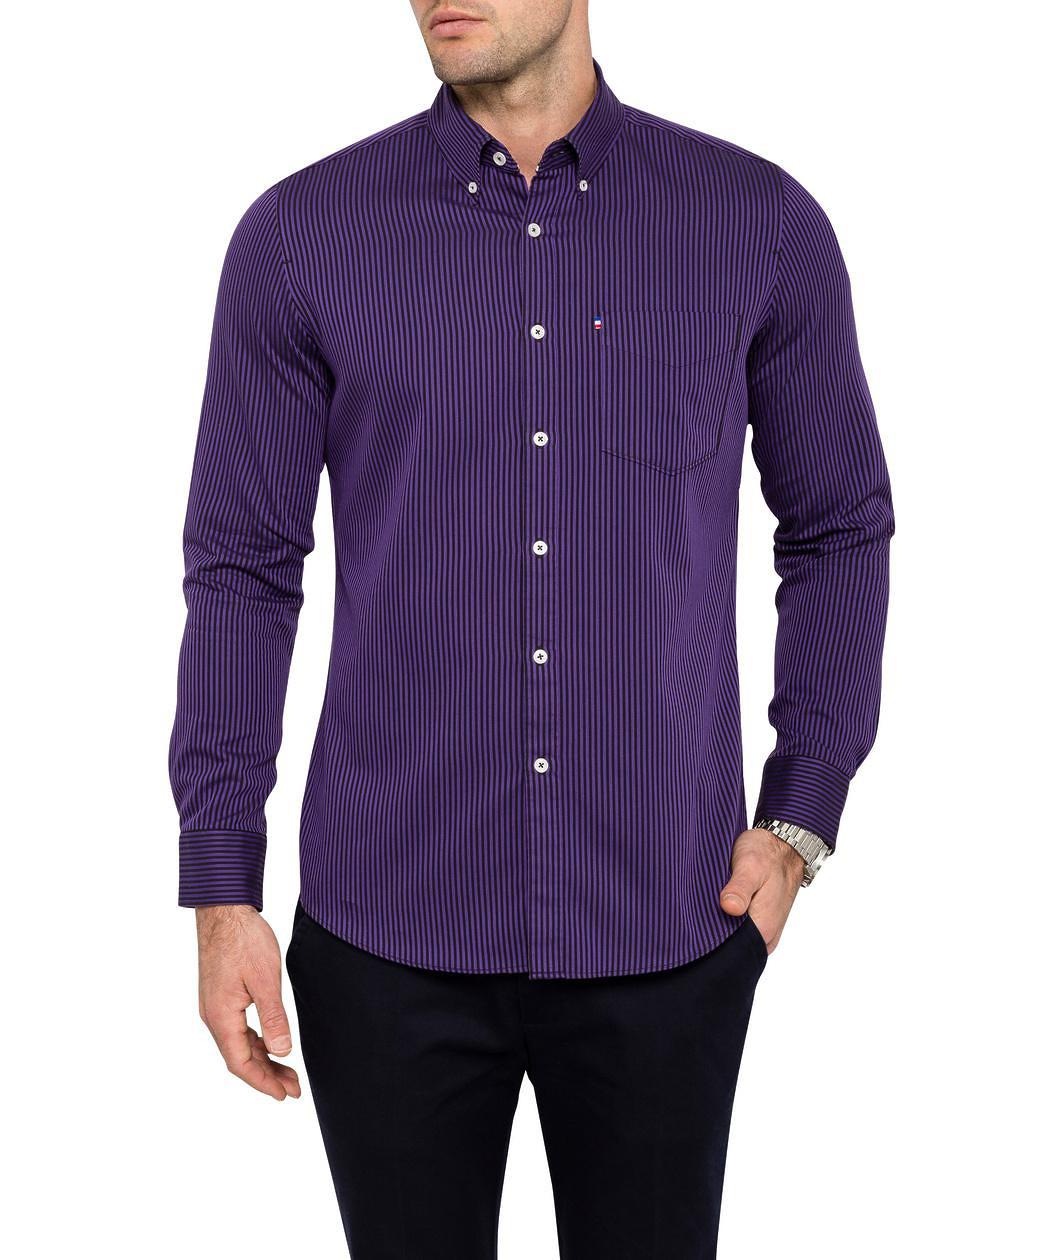 Van heusen mens casual shirt purple stripe van heusen for Men s dress shirt accessories